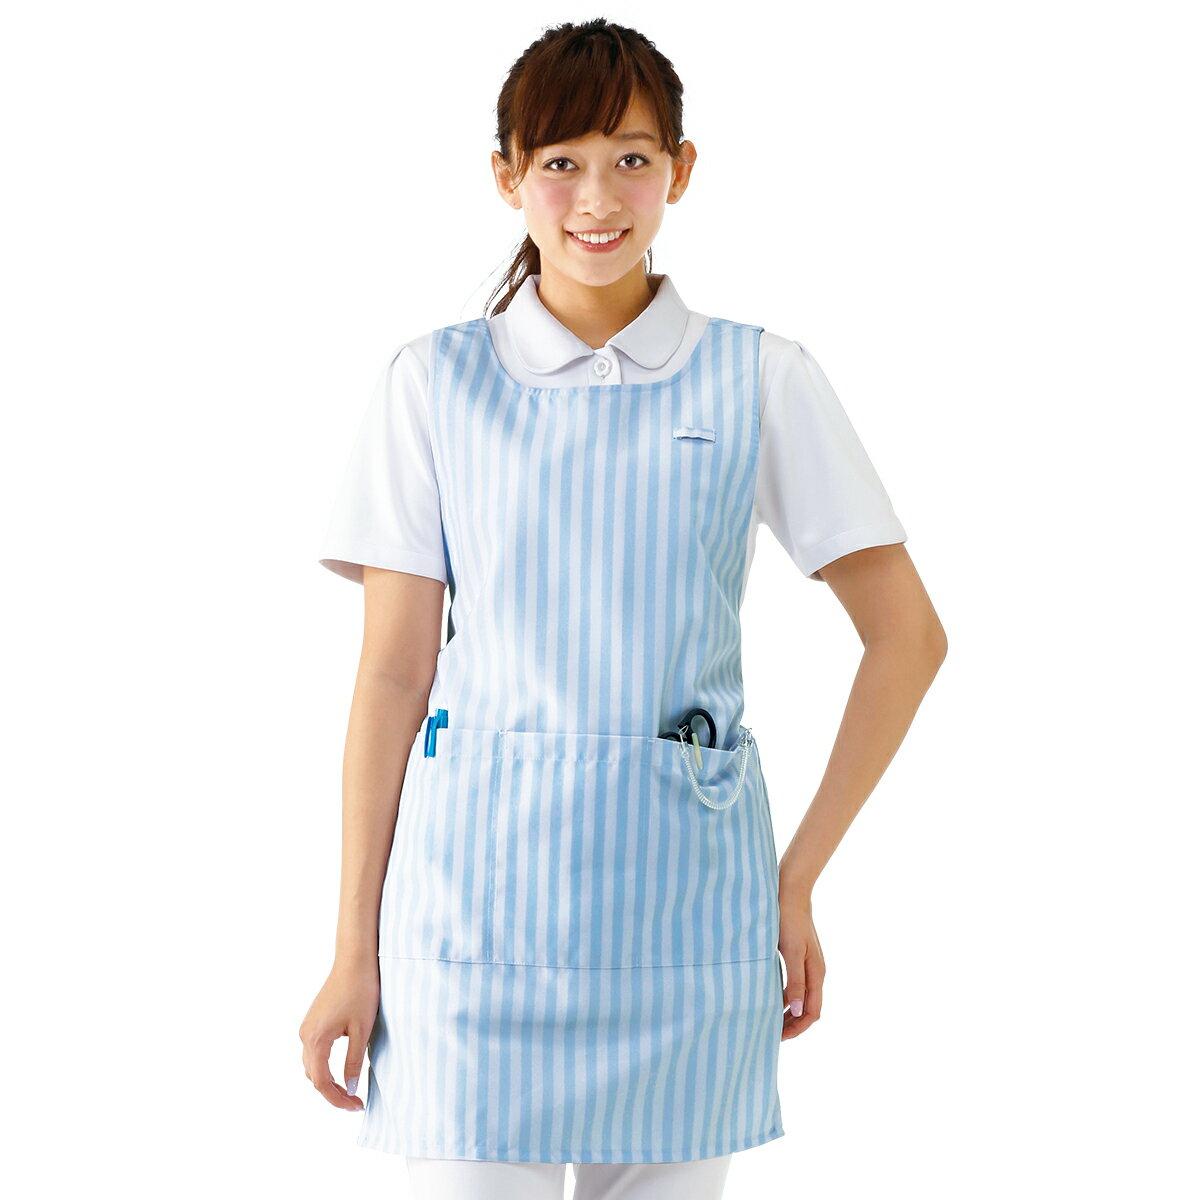 3170 撥水 ストライプエプロン(LL-3L、4L-5L)【医療 ナース 看護師 白衣 女性】